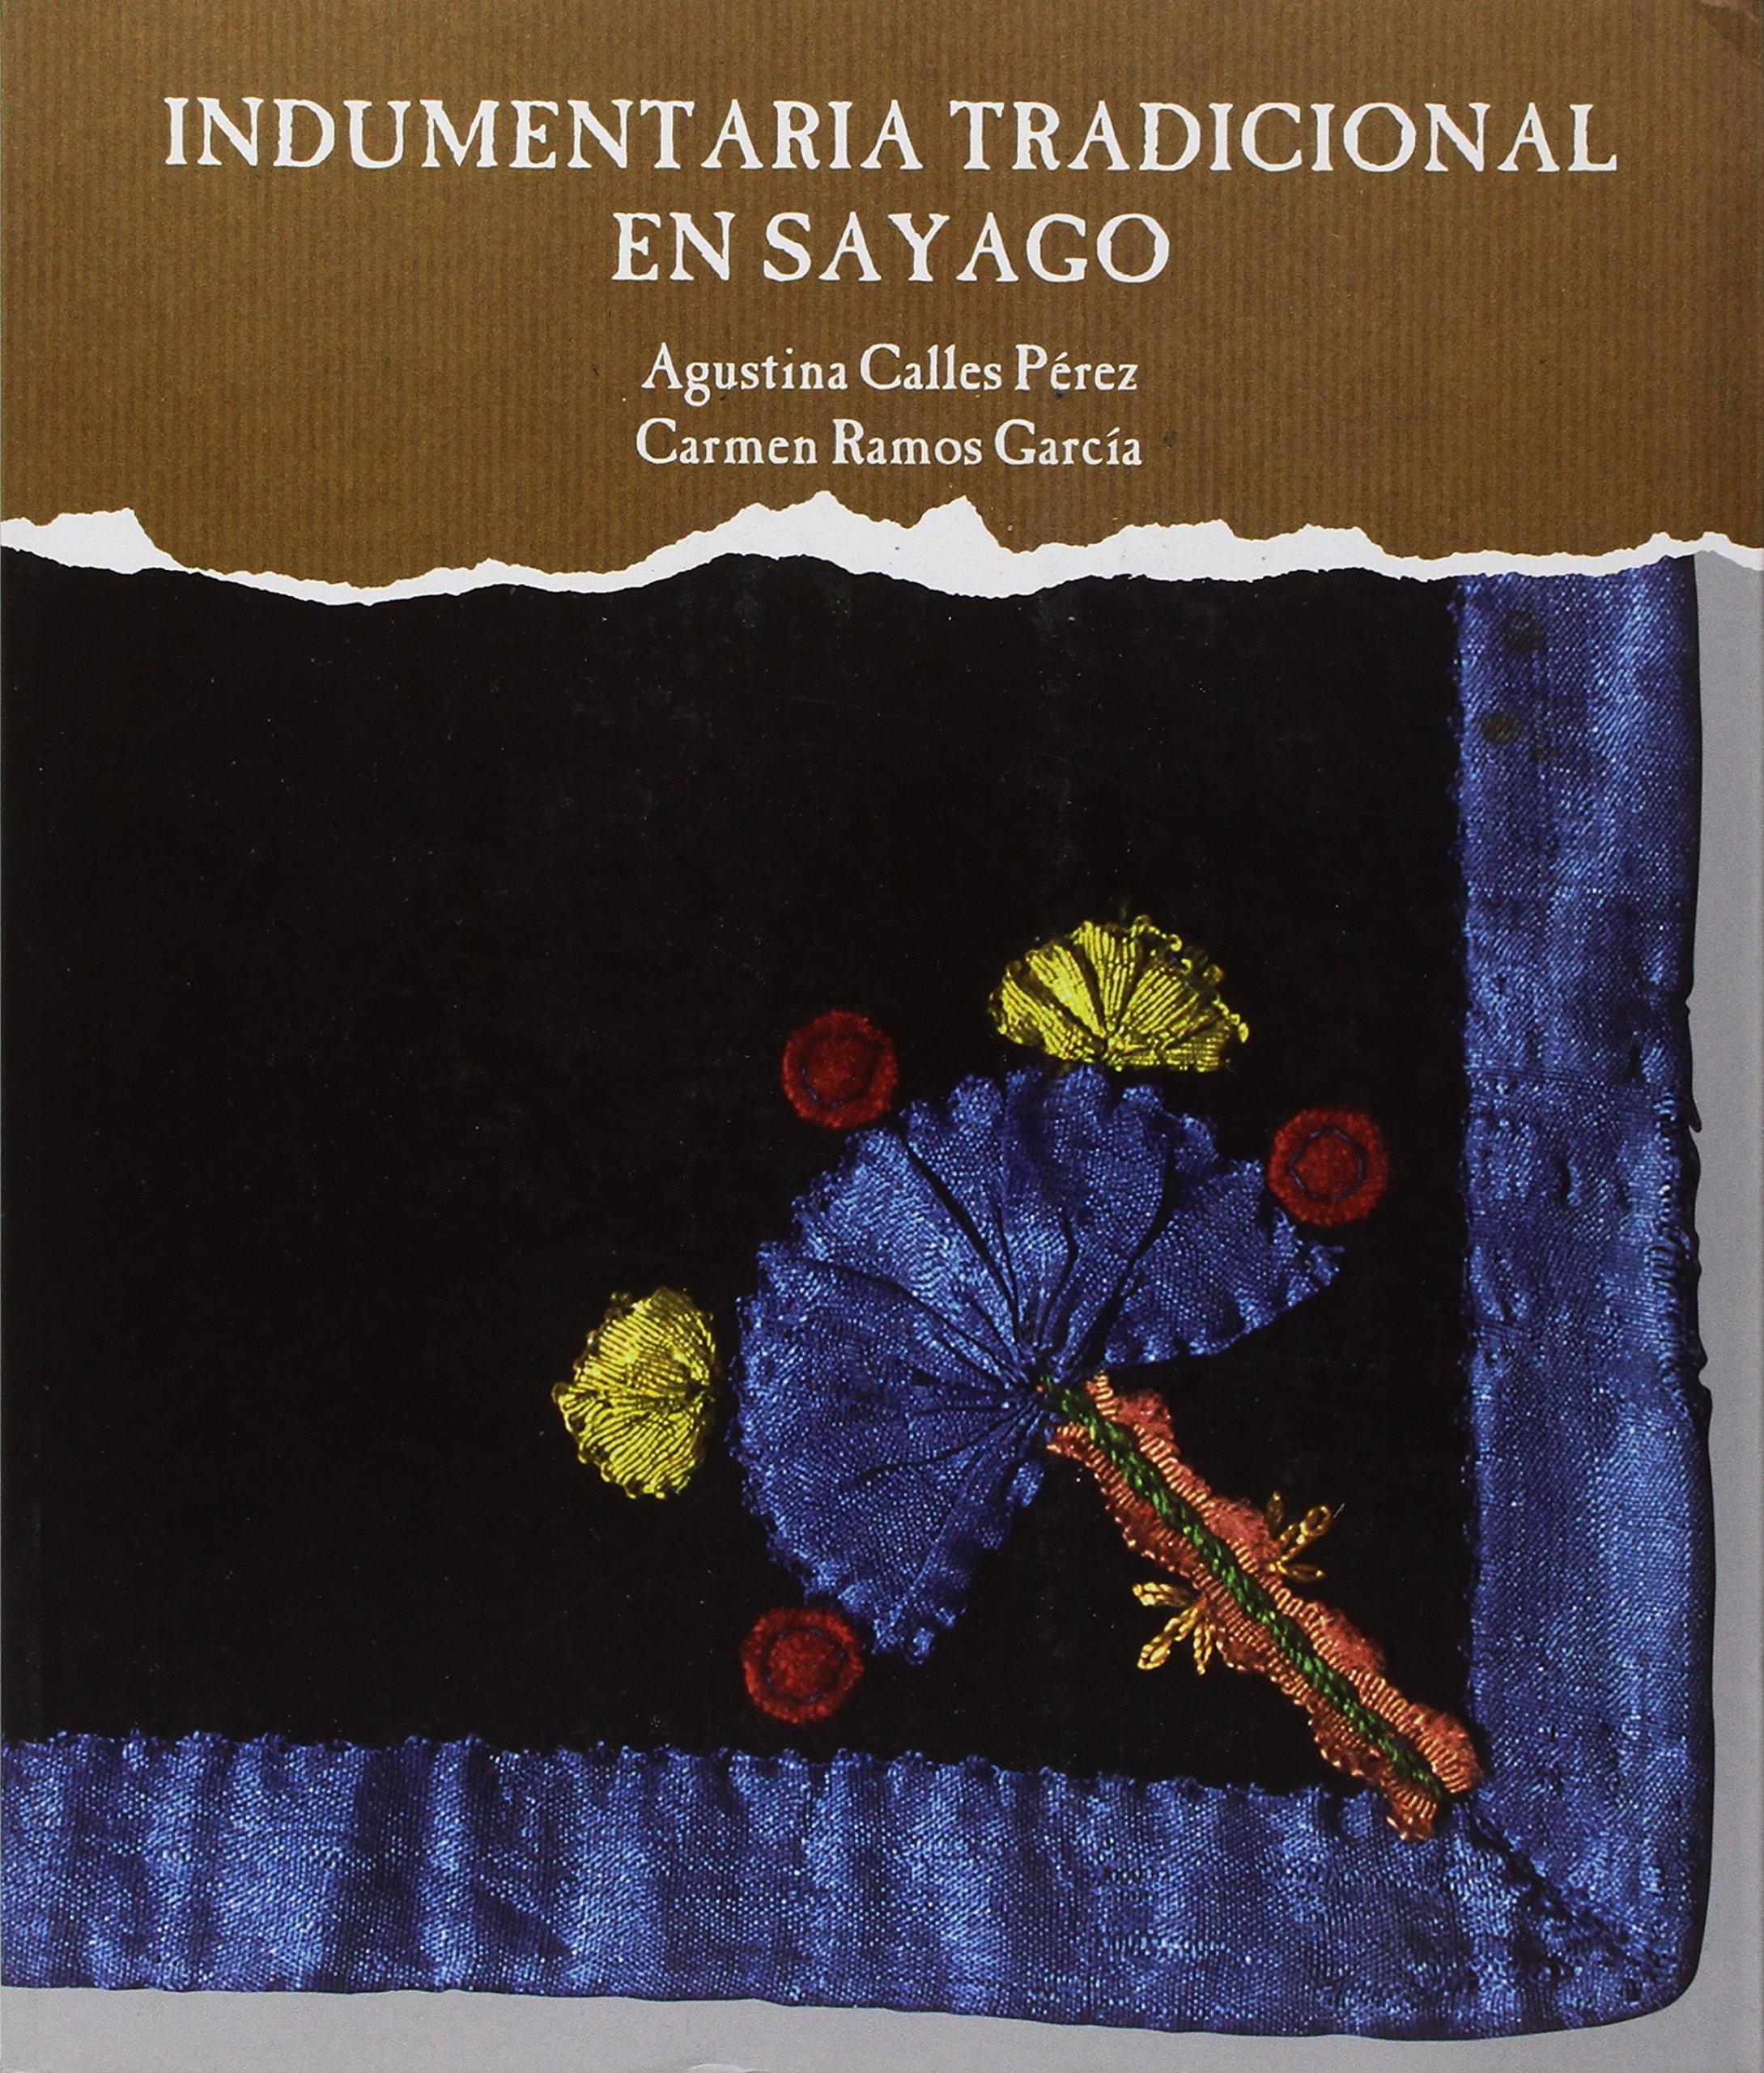 Indumentaria tradicional en Sayago: Amazon.es: Calles Pérez, Agustina, Ramos García, Carmen: Libros